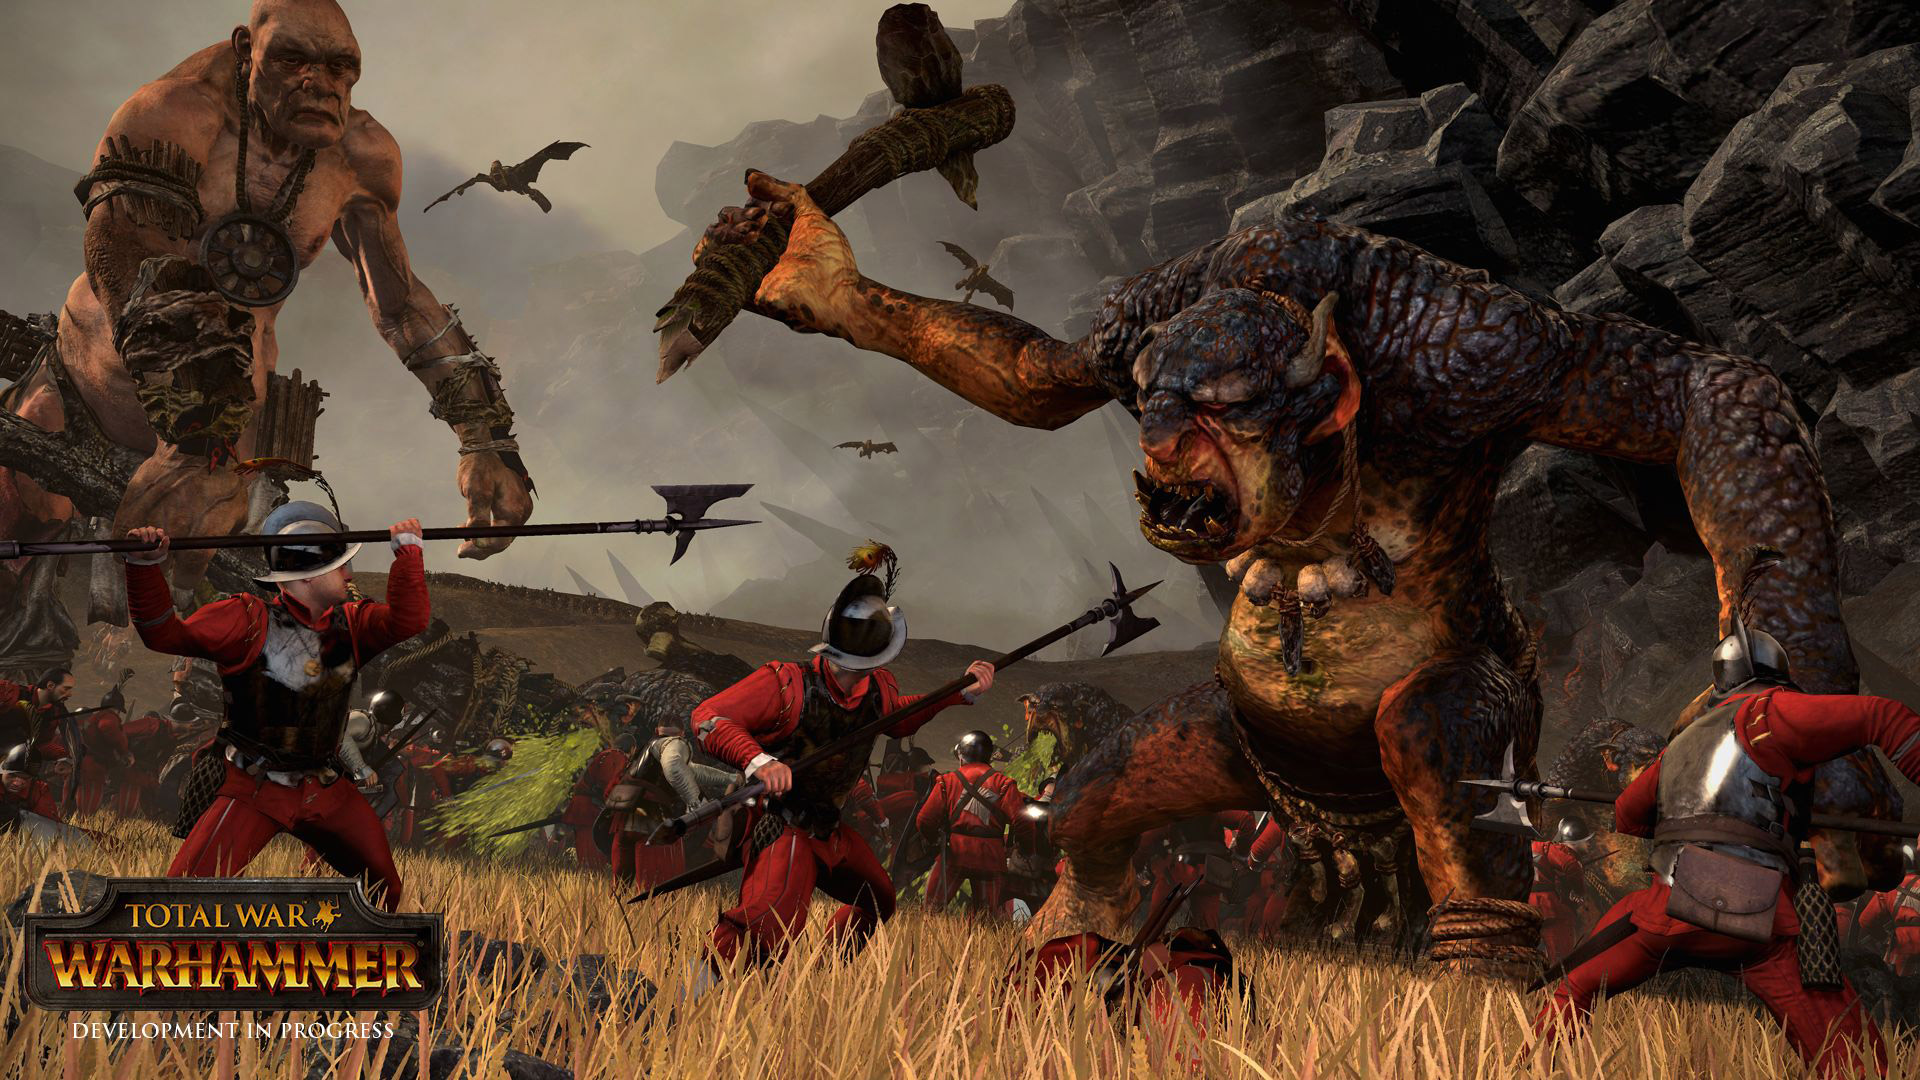 Total War Warhammer wallpaper 12